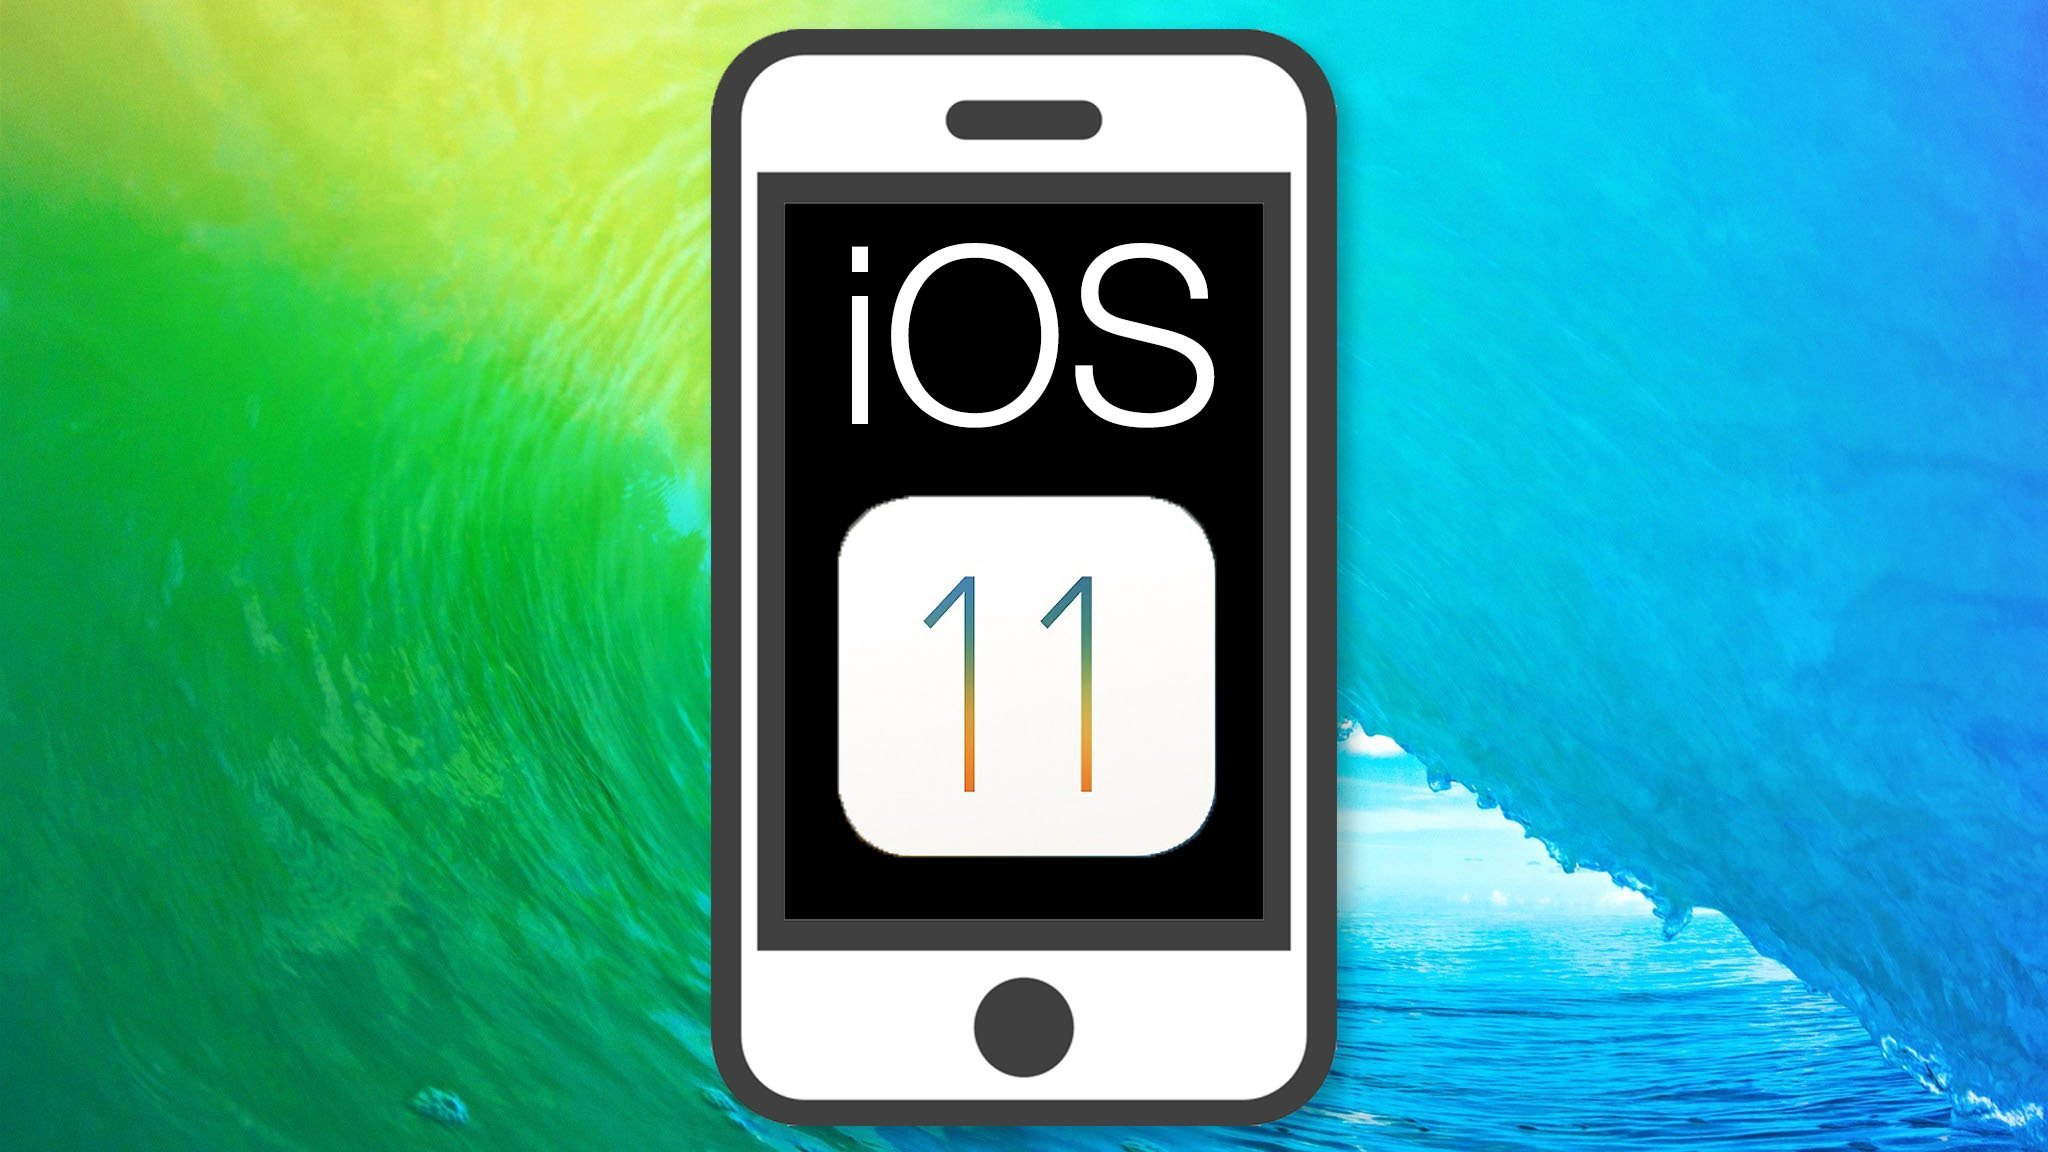 Mobile Development - The Complete iOS Developer Course ✅